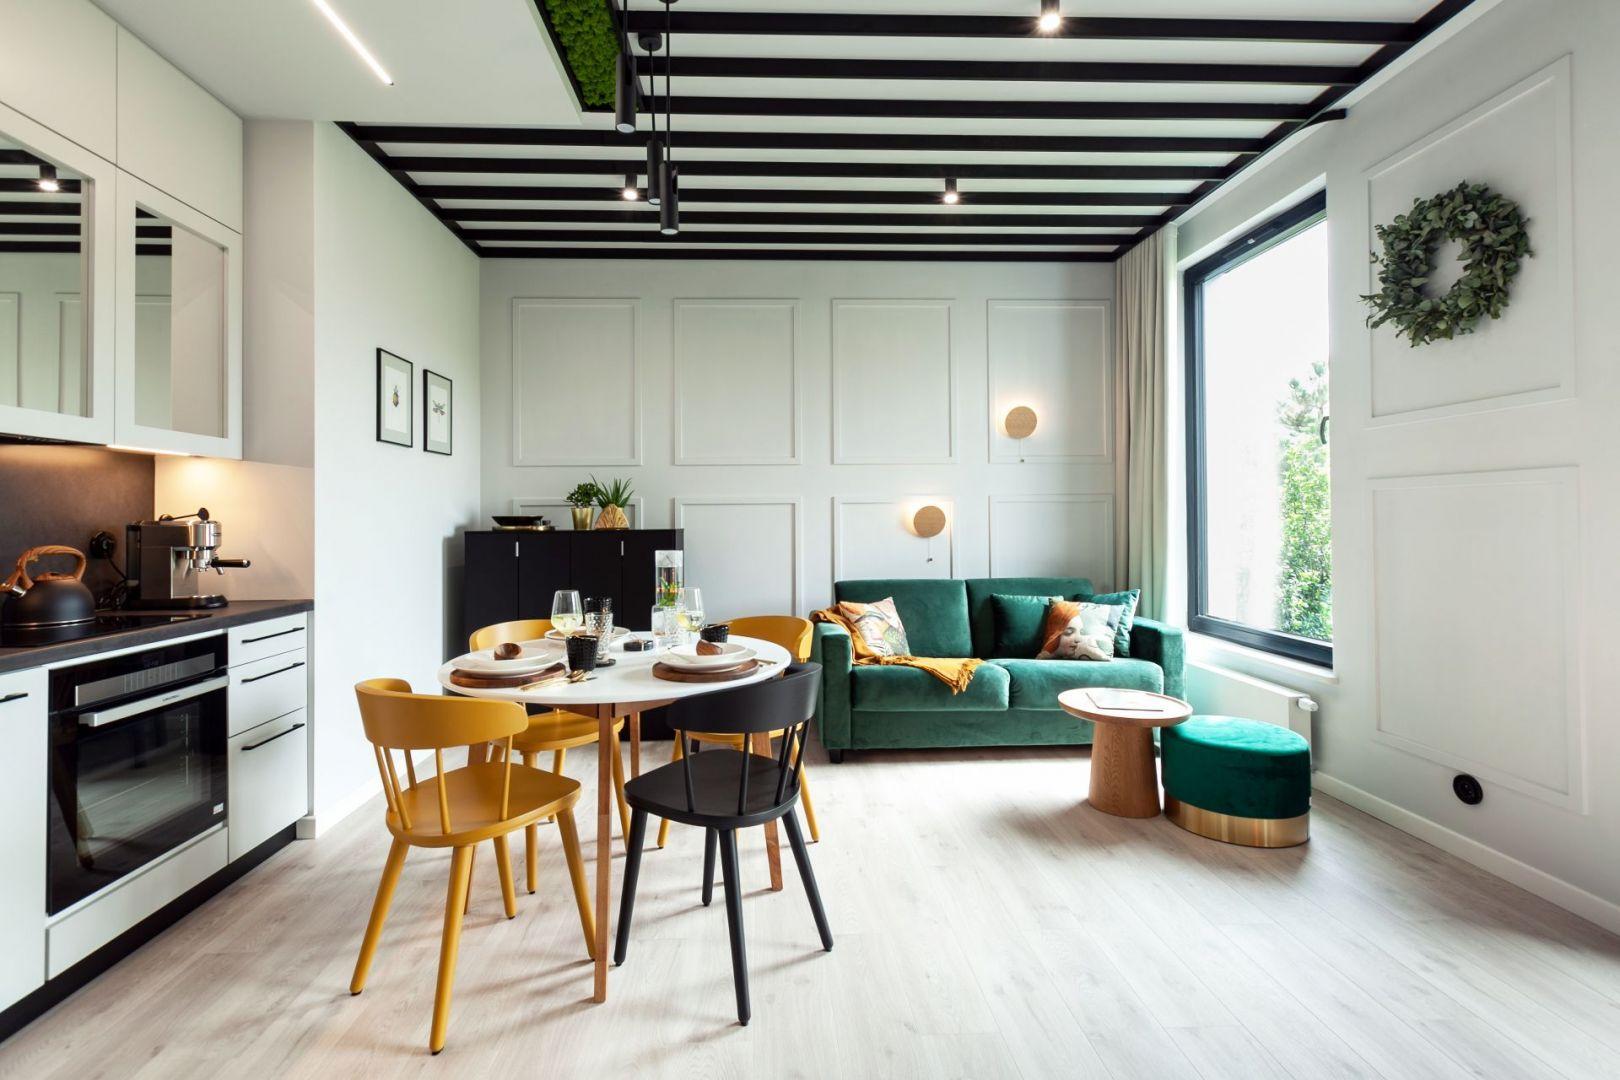 Sofa w kolorze głębokiej zielenie. Projekt Arkadiusz Grzędzicki Projektowanie Wnętrz. Fot. Olga Kharina, XO foto.